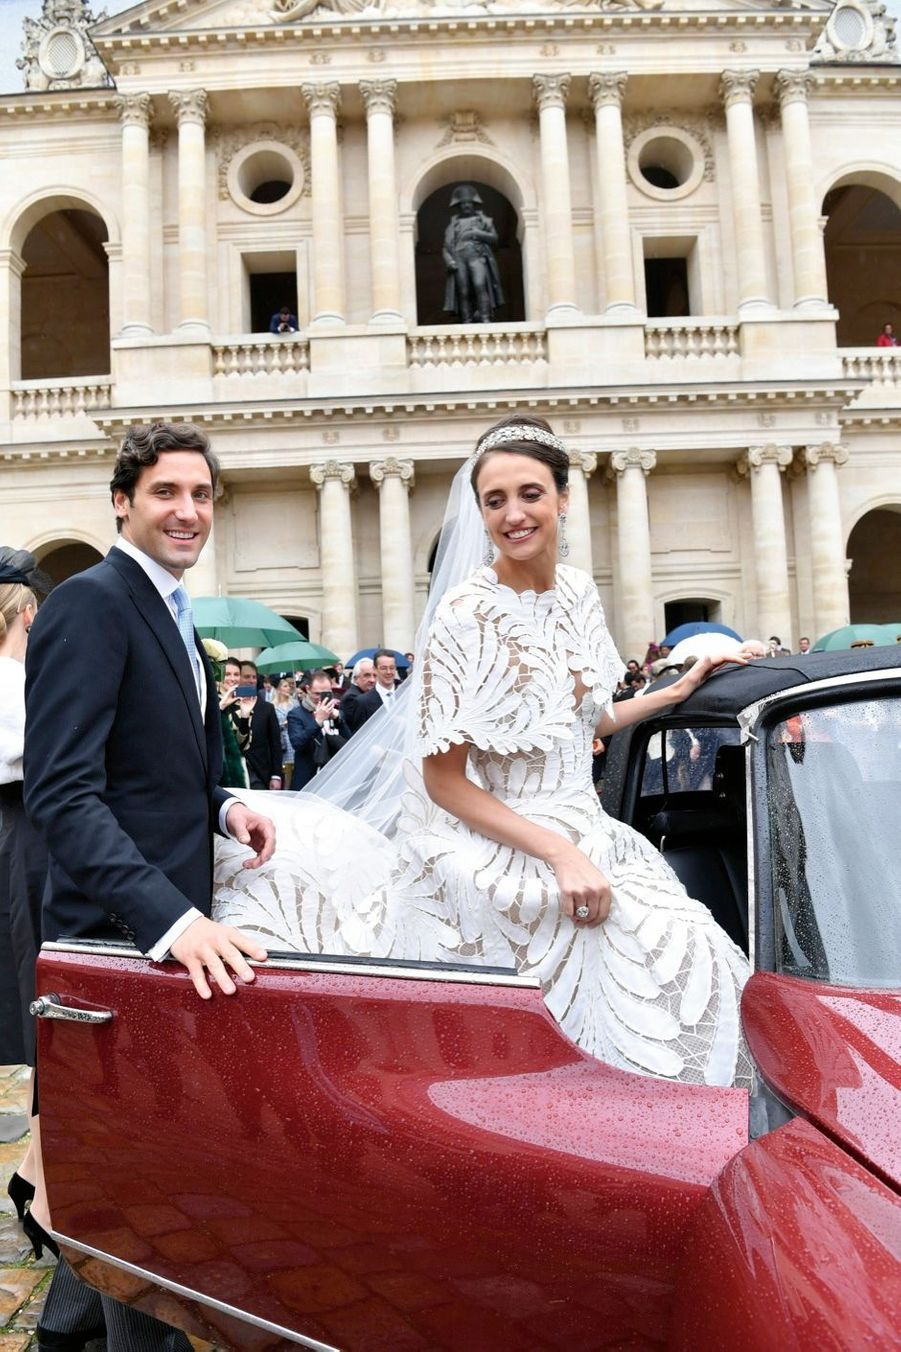 Comme le veut la tradition, les jeunes mariés partent pour une destination inconnue, dans une DS 19 historique. Napoléon Ier peut enfin saluer son héritier